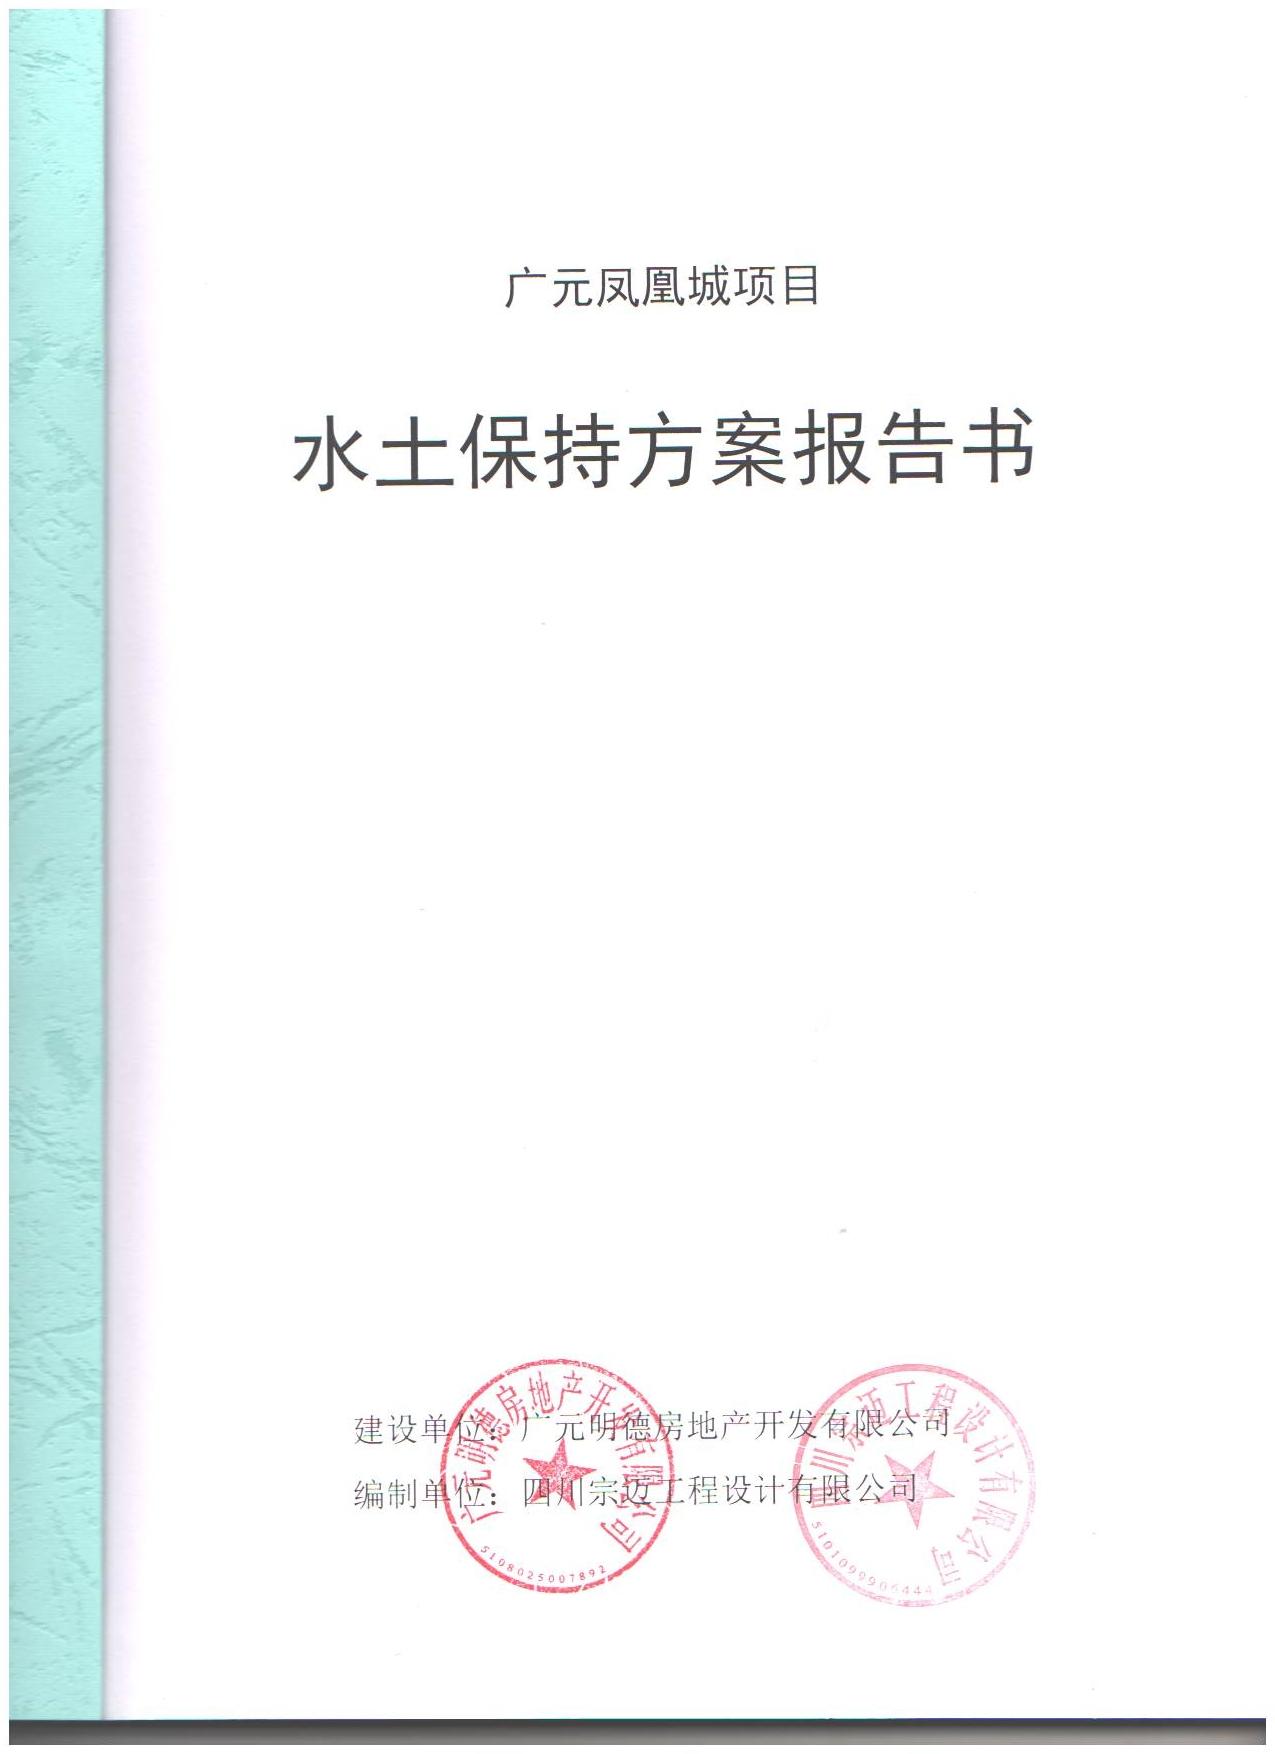 广元凤凰城扉页.jpg